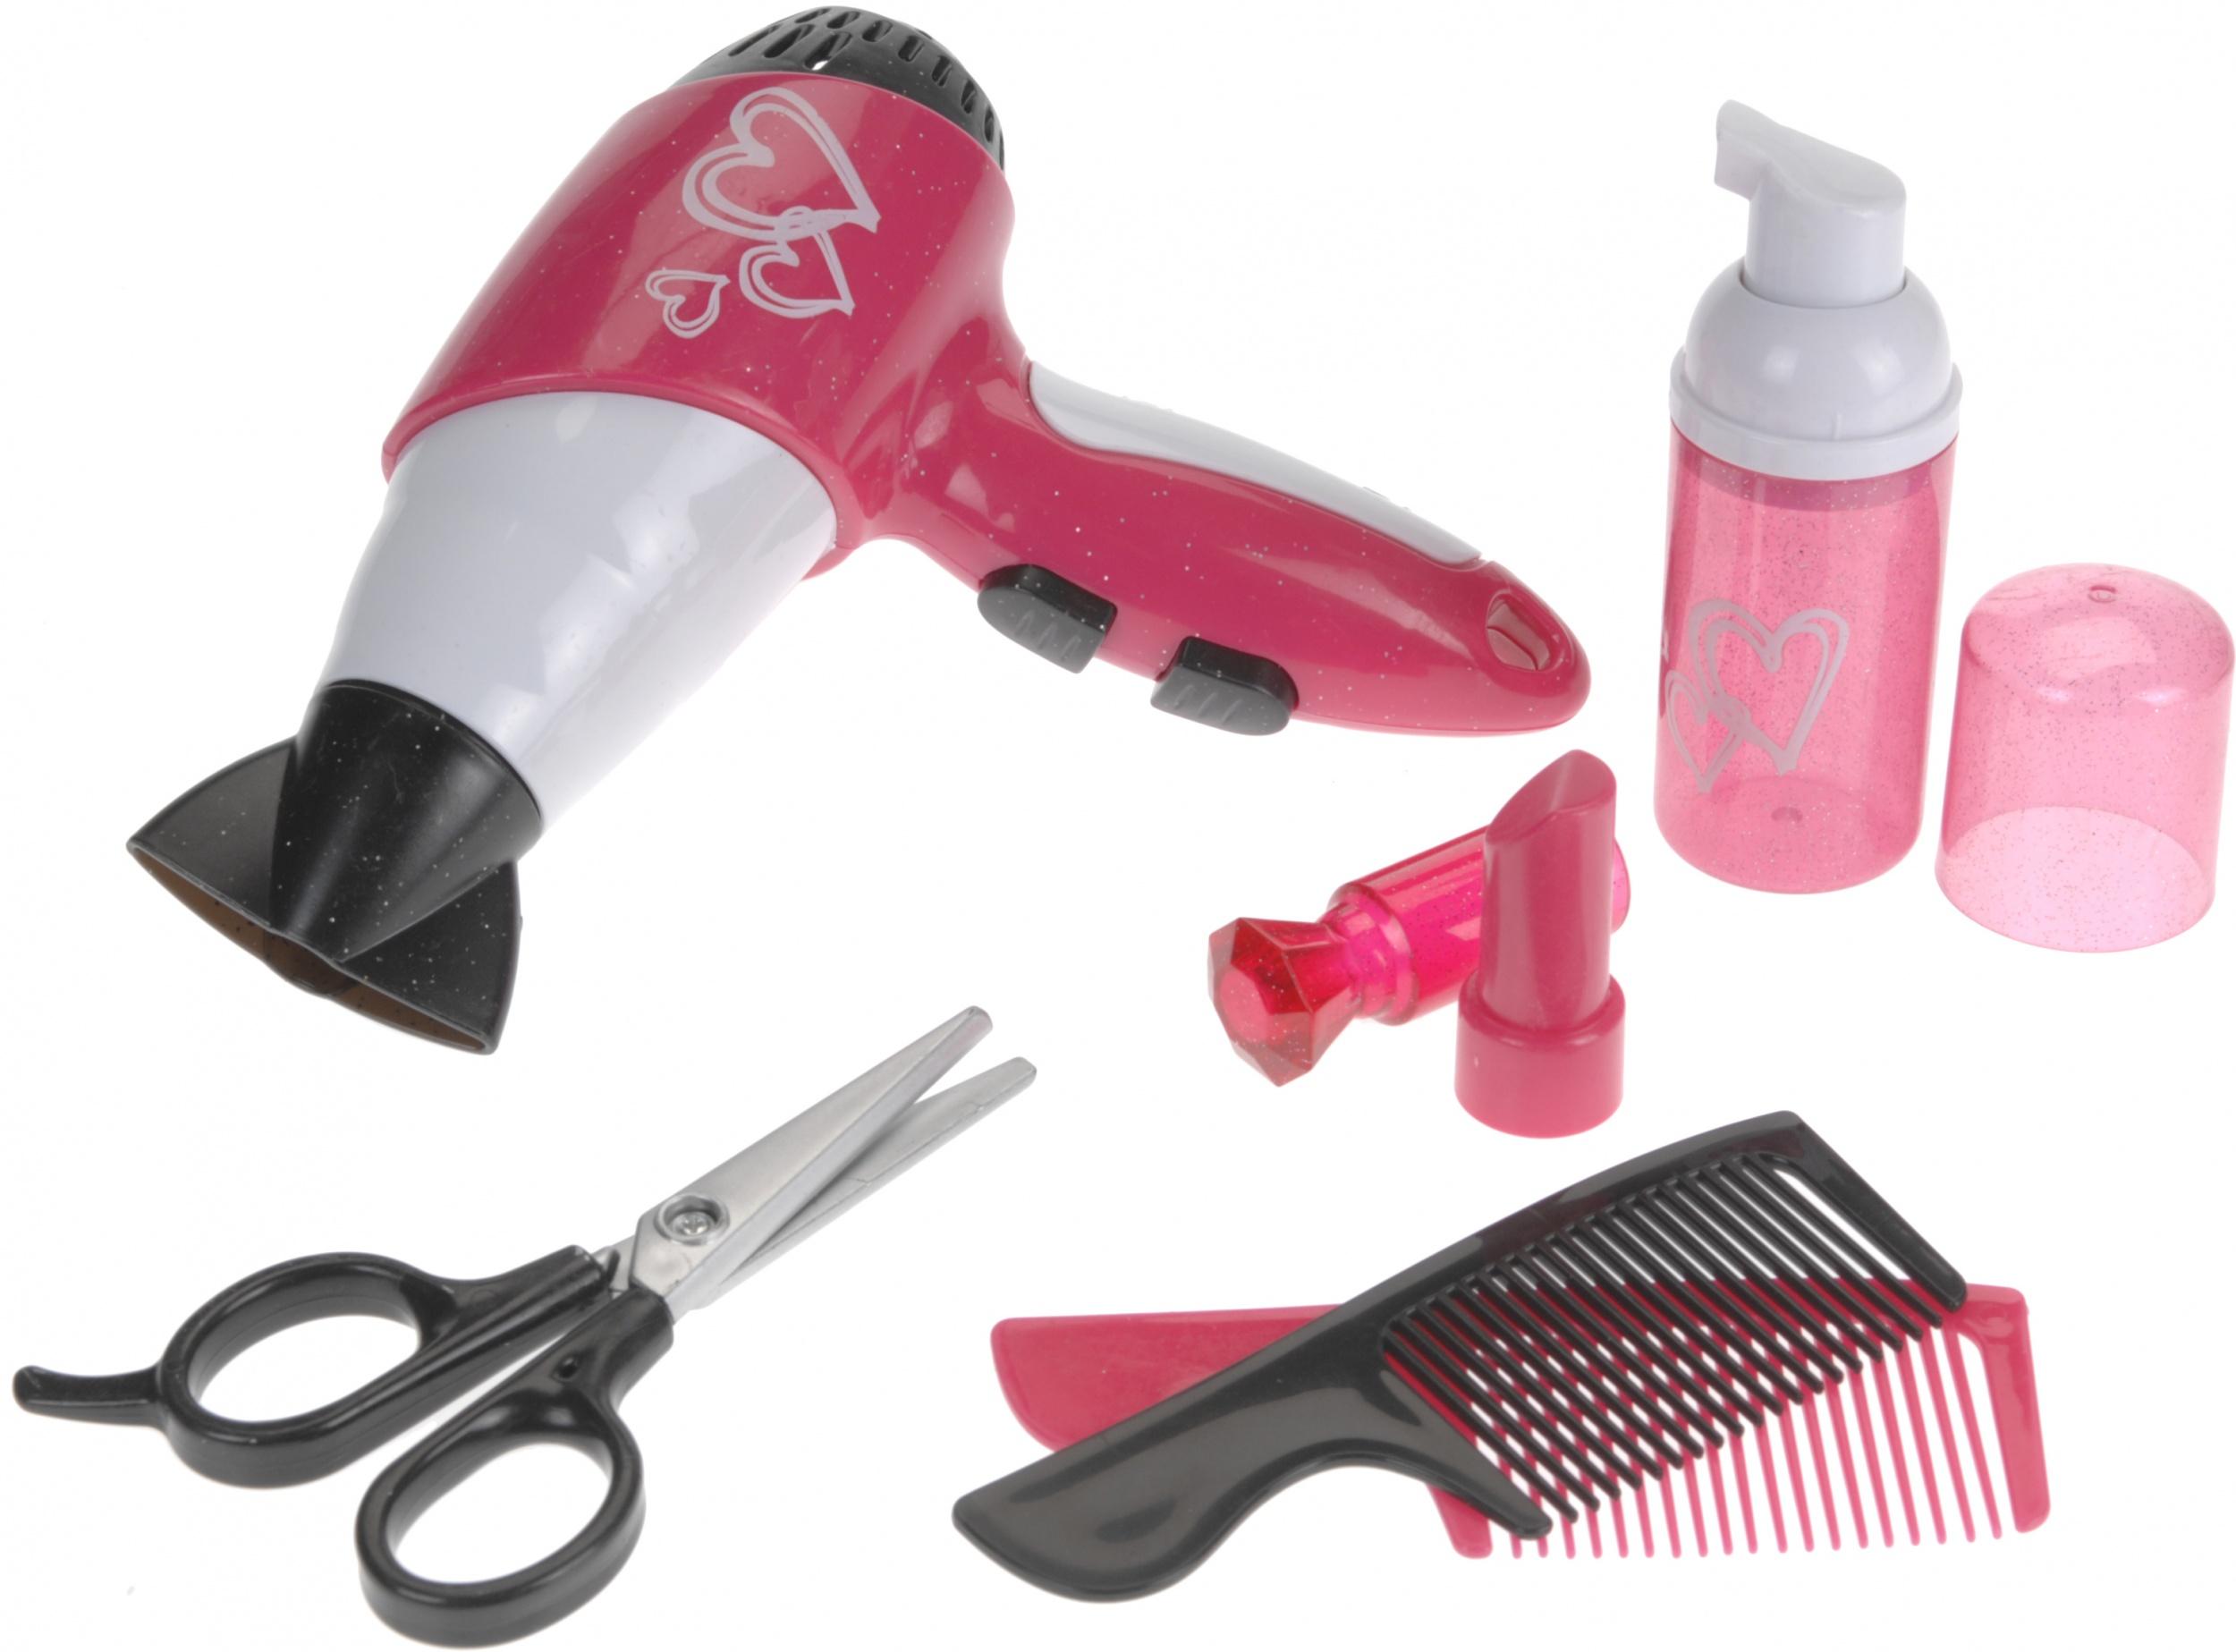 frais frais 100% de qualité supérieure style attrayant sèche-cheveux avec sèche-cheveux et accessoires 6-pièces rose